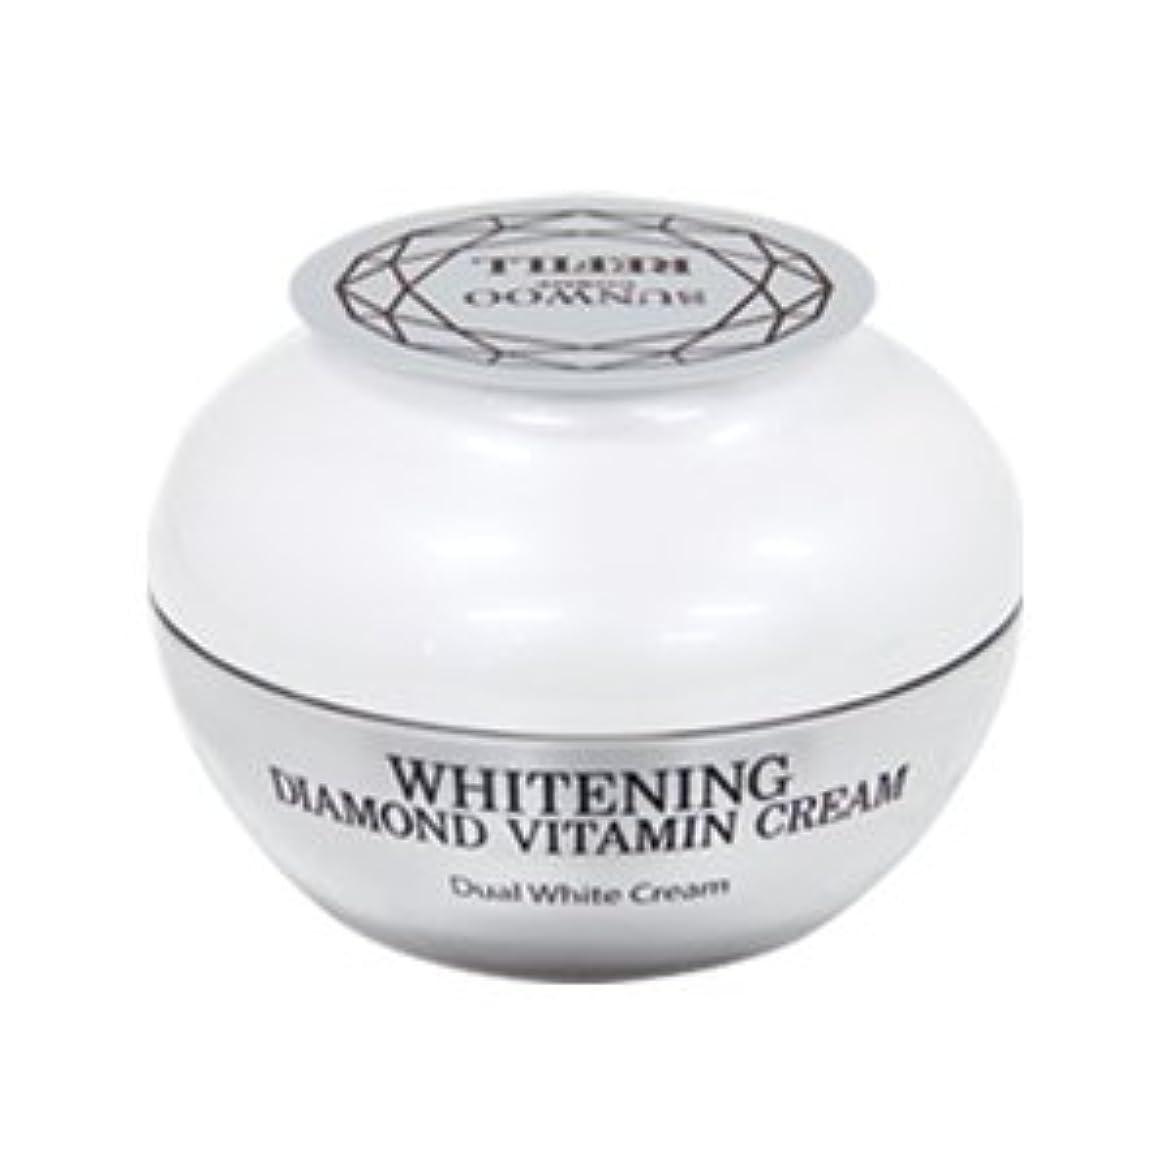 どういたしまして花弁のWhitening Diamond Vitamin Cream(詰替え)